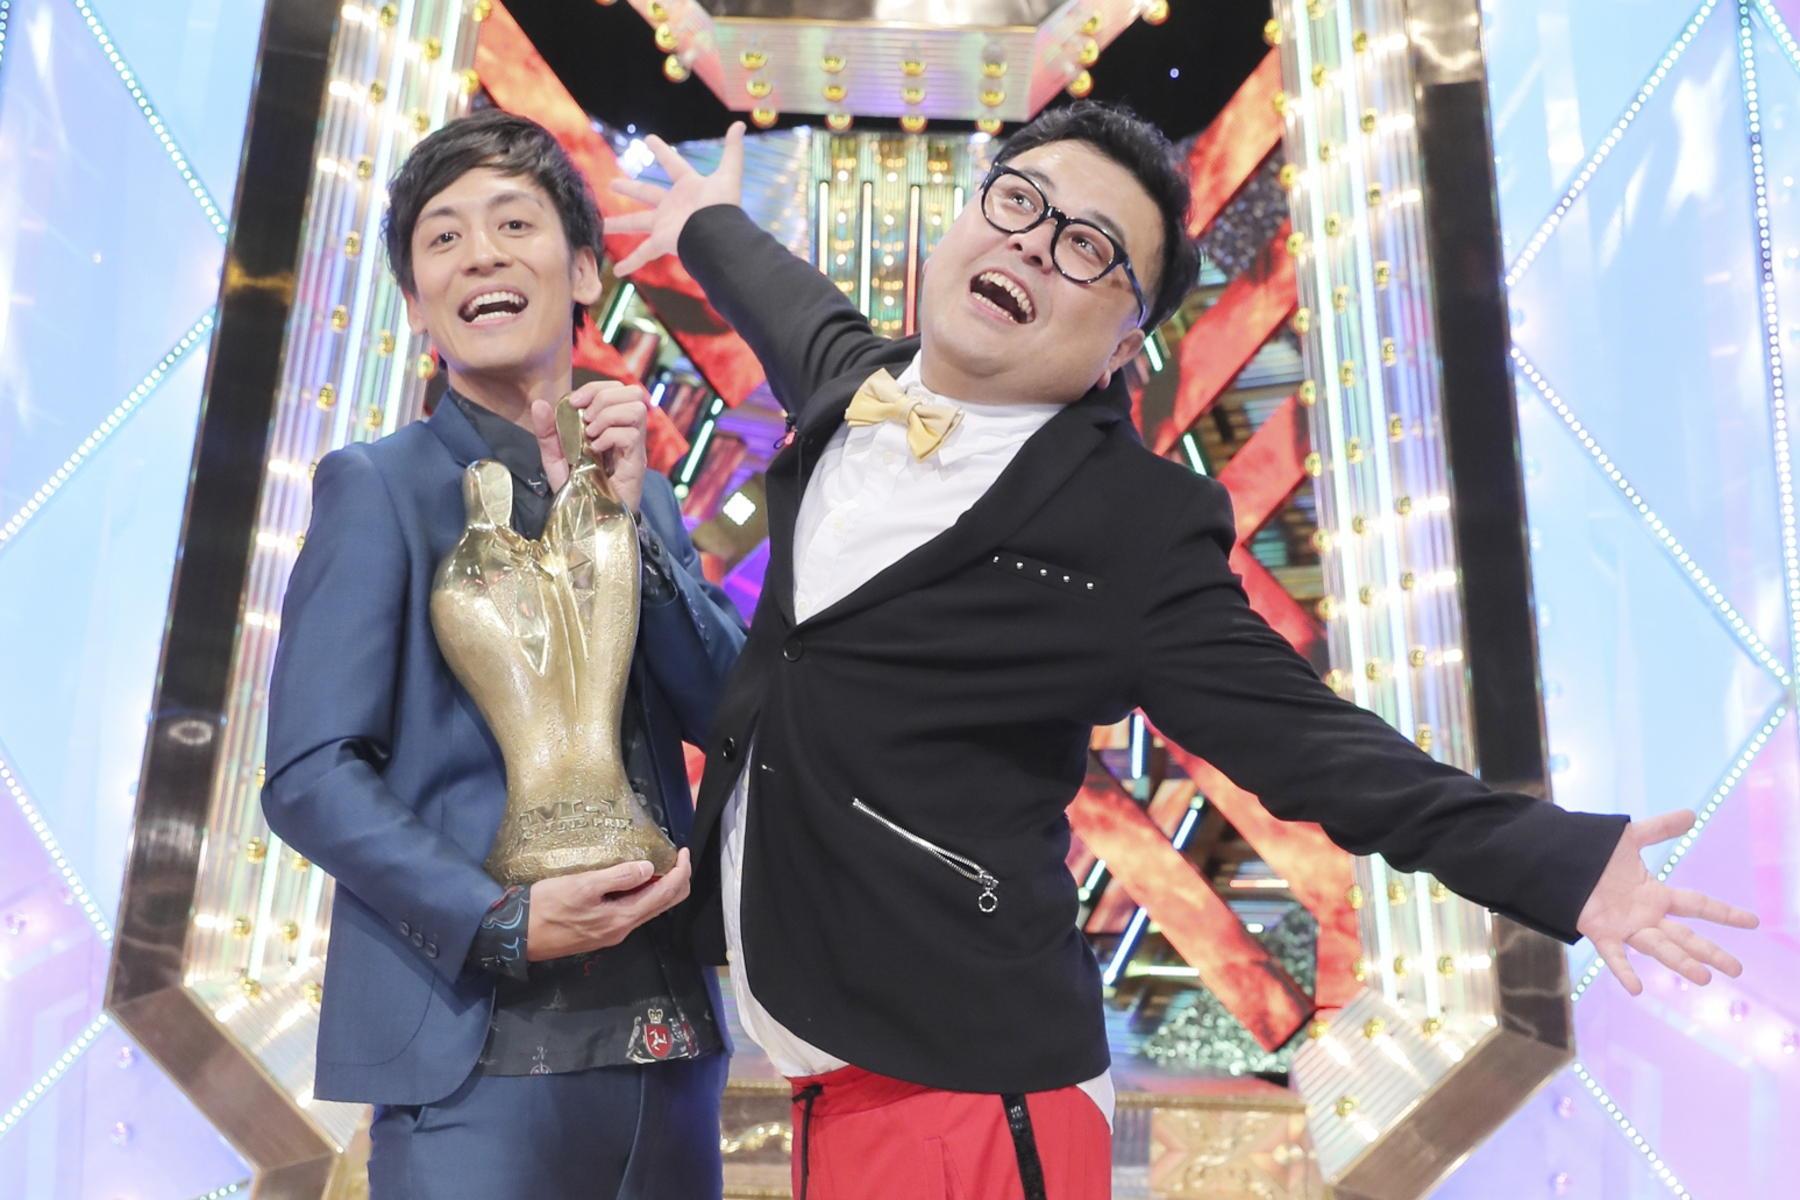 http://news.yoshimoto.co.jp/20171204151727-eb09b1c4d5108881beee20cc08c6c3bf9993af45.jpg